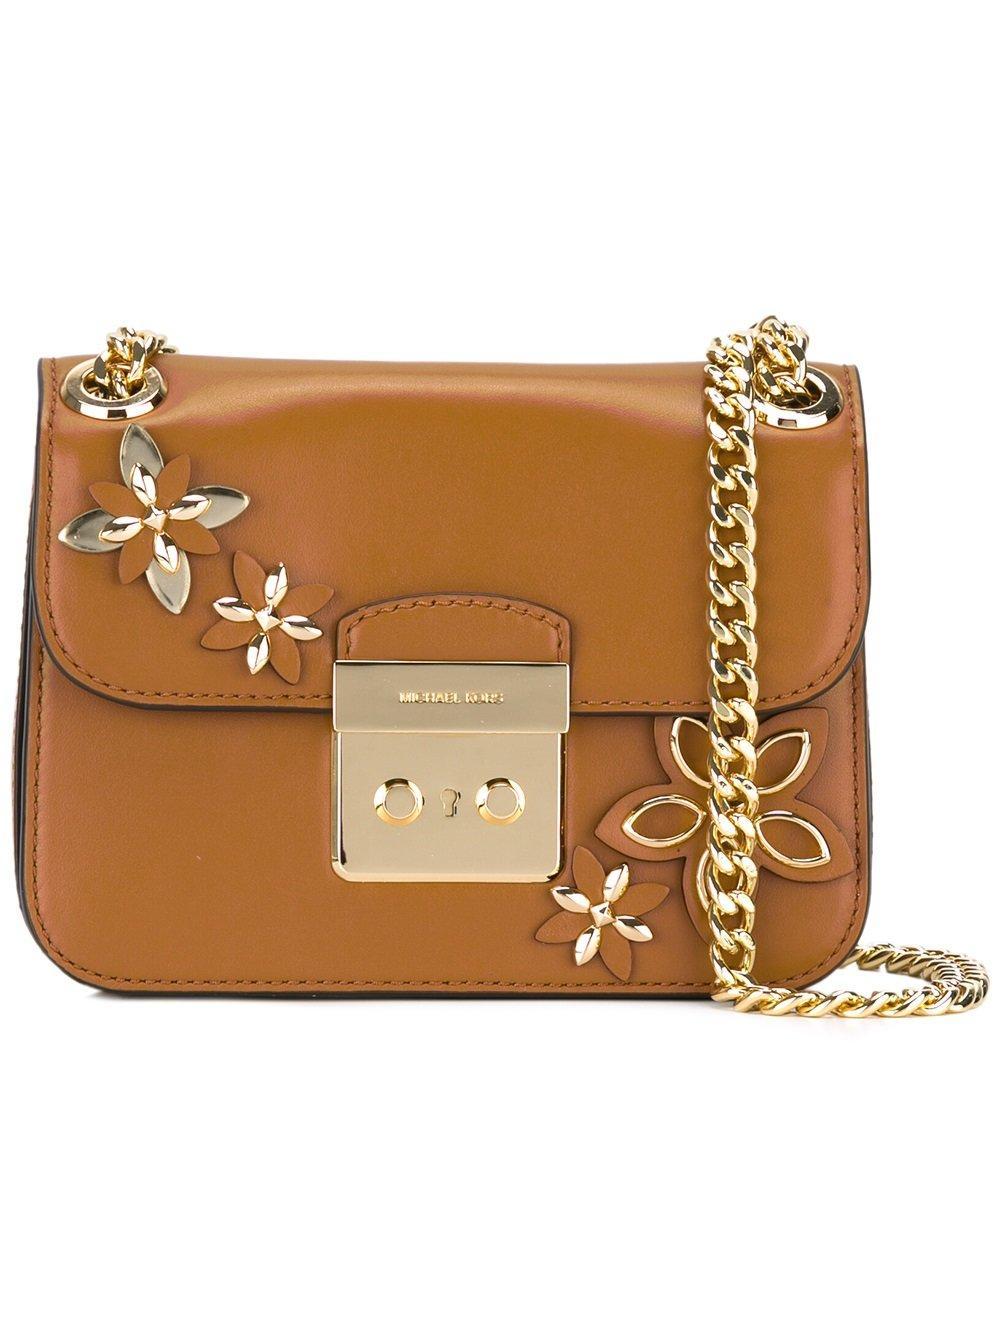 Michael Michael Kors Floral Embellished Shoulder Bag In Brown | Lyst